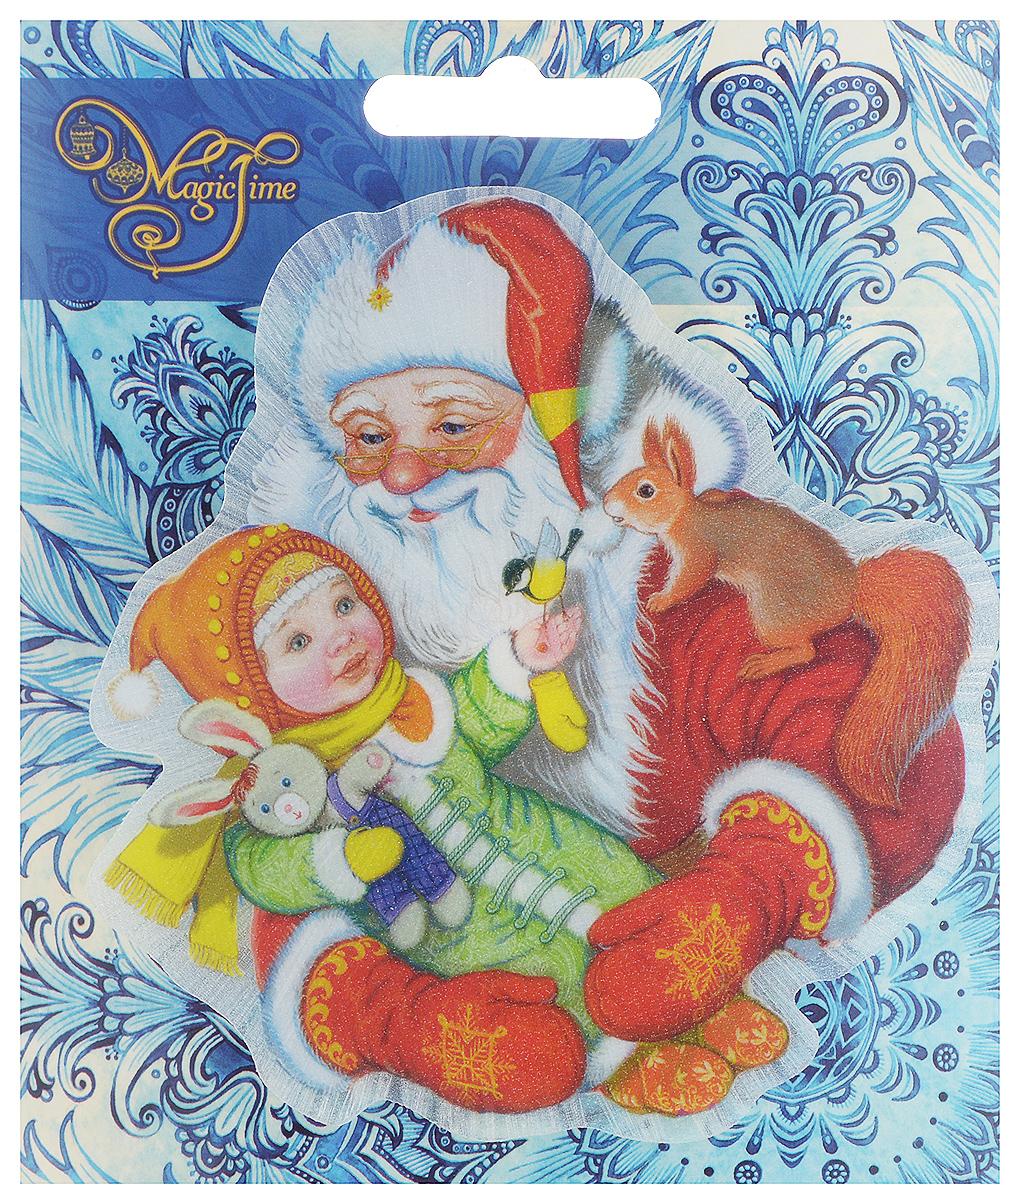 Украшение новогоднее Magic Time Дедушка Мороз с девочкой, со светодиодной подсветкой, 11,5 x 11 x 3 см. 42207 stainless steel home security door stop alarm 3 x lr44